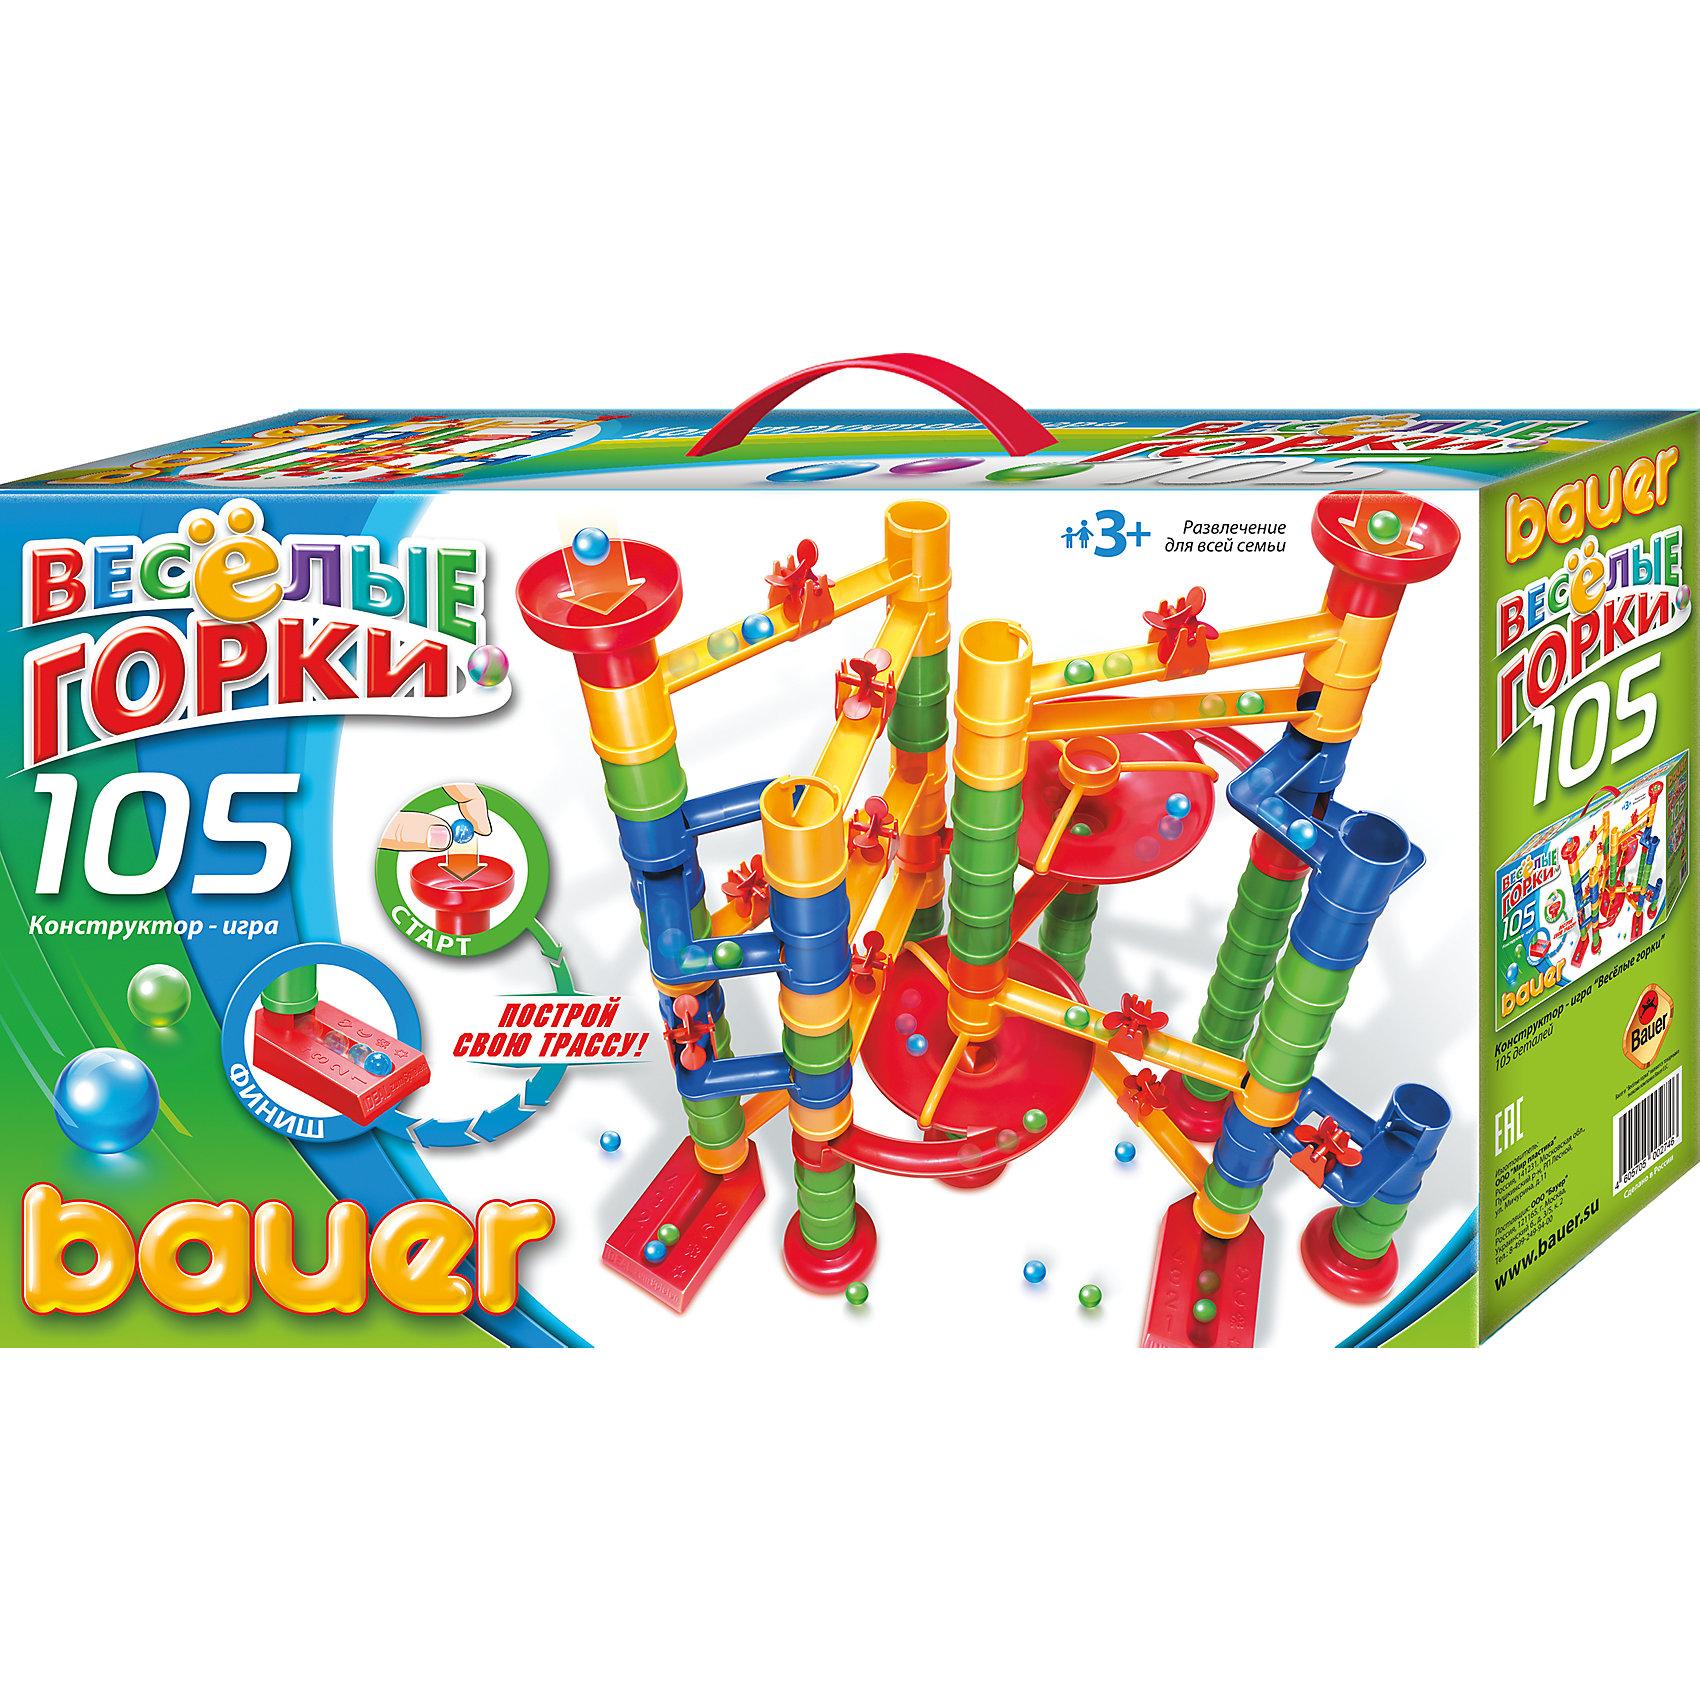 Конструктор Весёлые горки 105 деталей, BauerПластмассовые конструкторы<br>Конструктор Весёлые горки 105 деталей, Bauer (Бауер) – этот набор сочетает в себе конструктор и головоломку.<br>Конструктор «Веселые горки» Bauer (Бауер) – это увлекательная игра по созданию и прохождению лабиринтов. Из множества пластиковых трубок, воронок и желобков необходимо правильно построить трассу - горку для шарика. Четыре варианта сборки многоуровневых трасс указаны на упаковке. Изучив их конструкцию и поняв принцип соединения деталей, ваш ребенок сможет придумать свою трассу. Чем хитроумнее она будет, тем более непредсказуемым окажется путь шарика к финишу. Количество конструкций ограничено только детским воображений – а значит, бесконечно! Все самое интересное начинается после сборки. Можно просто пускать шарики, выбирая для них каждый раз, новый путь. А можно устроить соревнование, в котором победителем становится тот, кто смог направить шарик к финишу исключительно силой конструкторского дарования. Детали конструктора сделают итог гонки непредсказуемым. Воронка замедляет движение и может сбить шарик с пути. Сдвоенный желоб перемешивает шарики и раскидывает их по чужим воротам. Эта веселая игра развивает внимание, память, координацию движений. Ребенок учится анализировать, делать выводы, следить за собственными действиями. Конструирование прекрасно развивает логическое и пространственное мышление ребенка. Конструктор изготовлен из безопасного, качественного пластика, обеспечивающего легкое и надежное соединение деталей, а также длительное использование деталей без образования сколов и трещин.<br><br>Дополнительная информация:<br><br>- Количество деталей: 105<br>- Материал: пластик<br>- Упакован в картонную коробку с ручкой для переноски<br>- Размер коробки: 490х120х285 мм.<br>- Вес: 1510 г.<br><br>Конструктор Весёлые горки 105 деталей, Bauer (Бауер) можно купить в нашем интернет-магазине.<br><br>Ширина мм: 490<br>Глубина мм: 120<br>Высота мм: 285<br>Вес г: 1510<br>Возраст от месяц